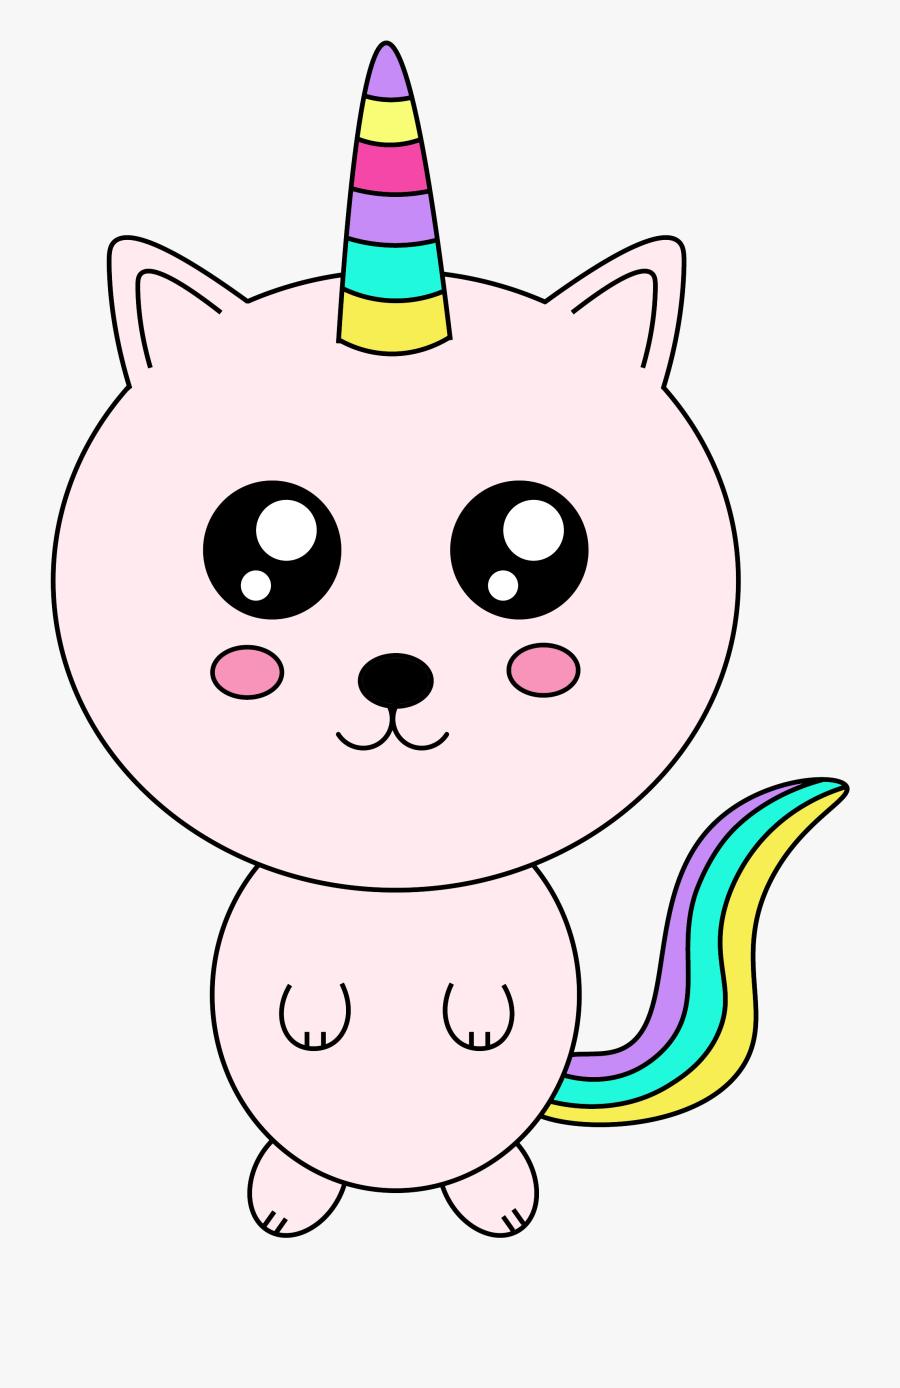 Free Cute Unicorn Cat - Cute Unicorn Cat, Transparent Clipart